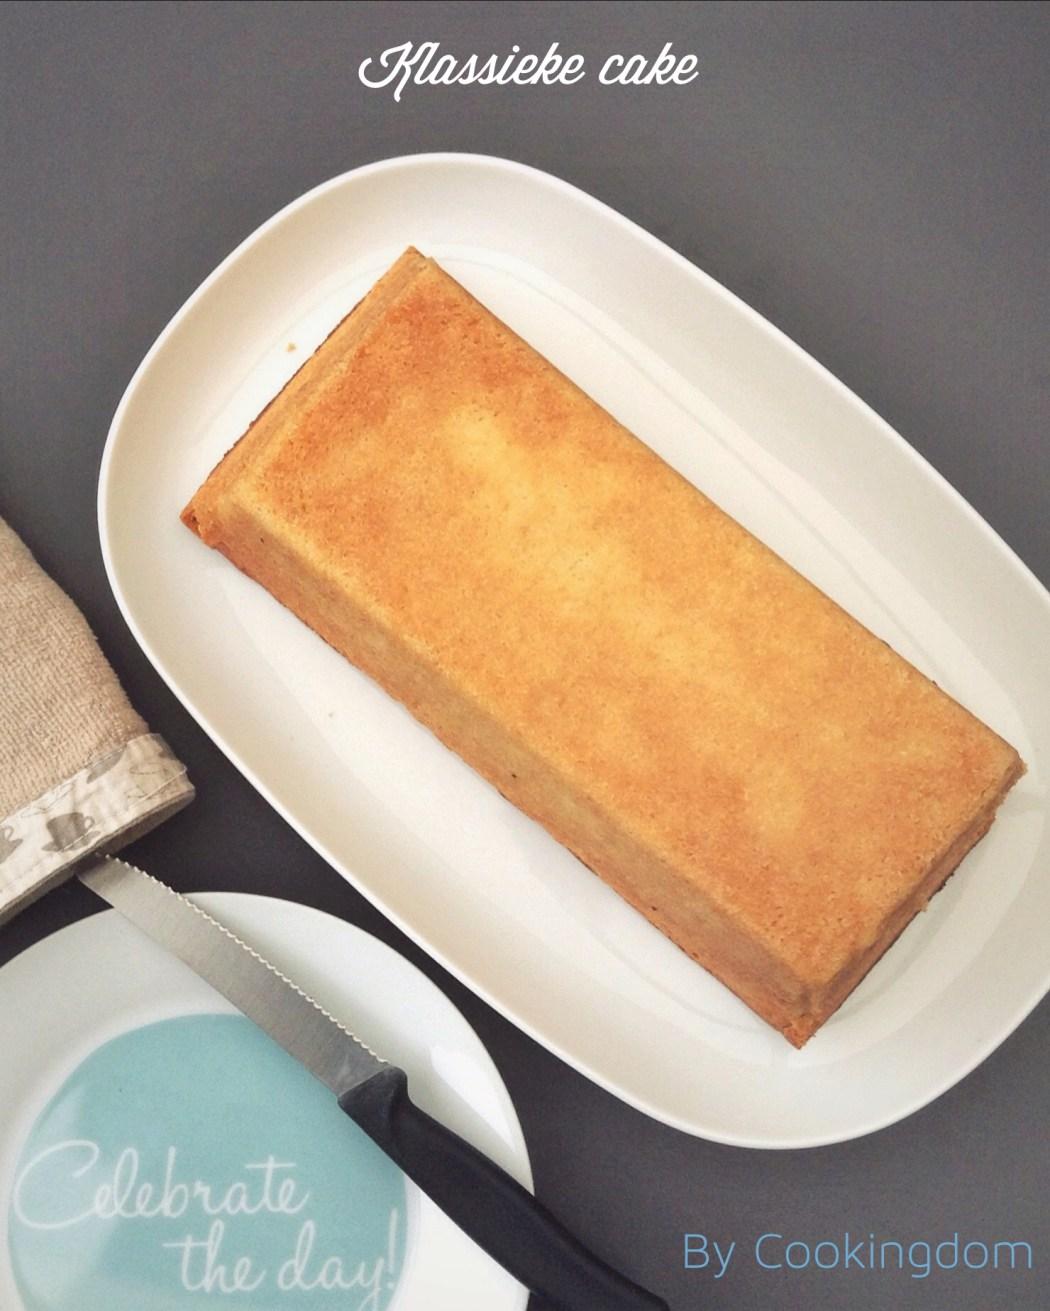 Klassieke cake By Cookingdom